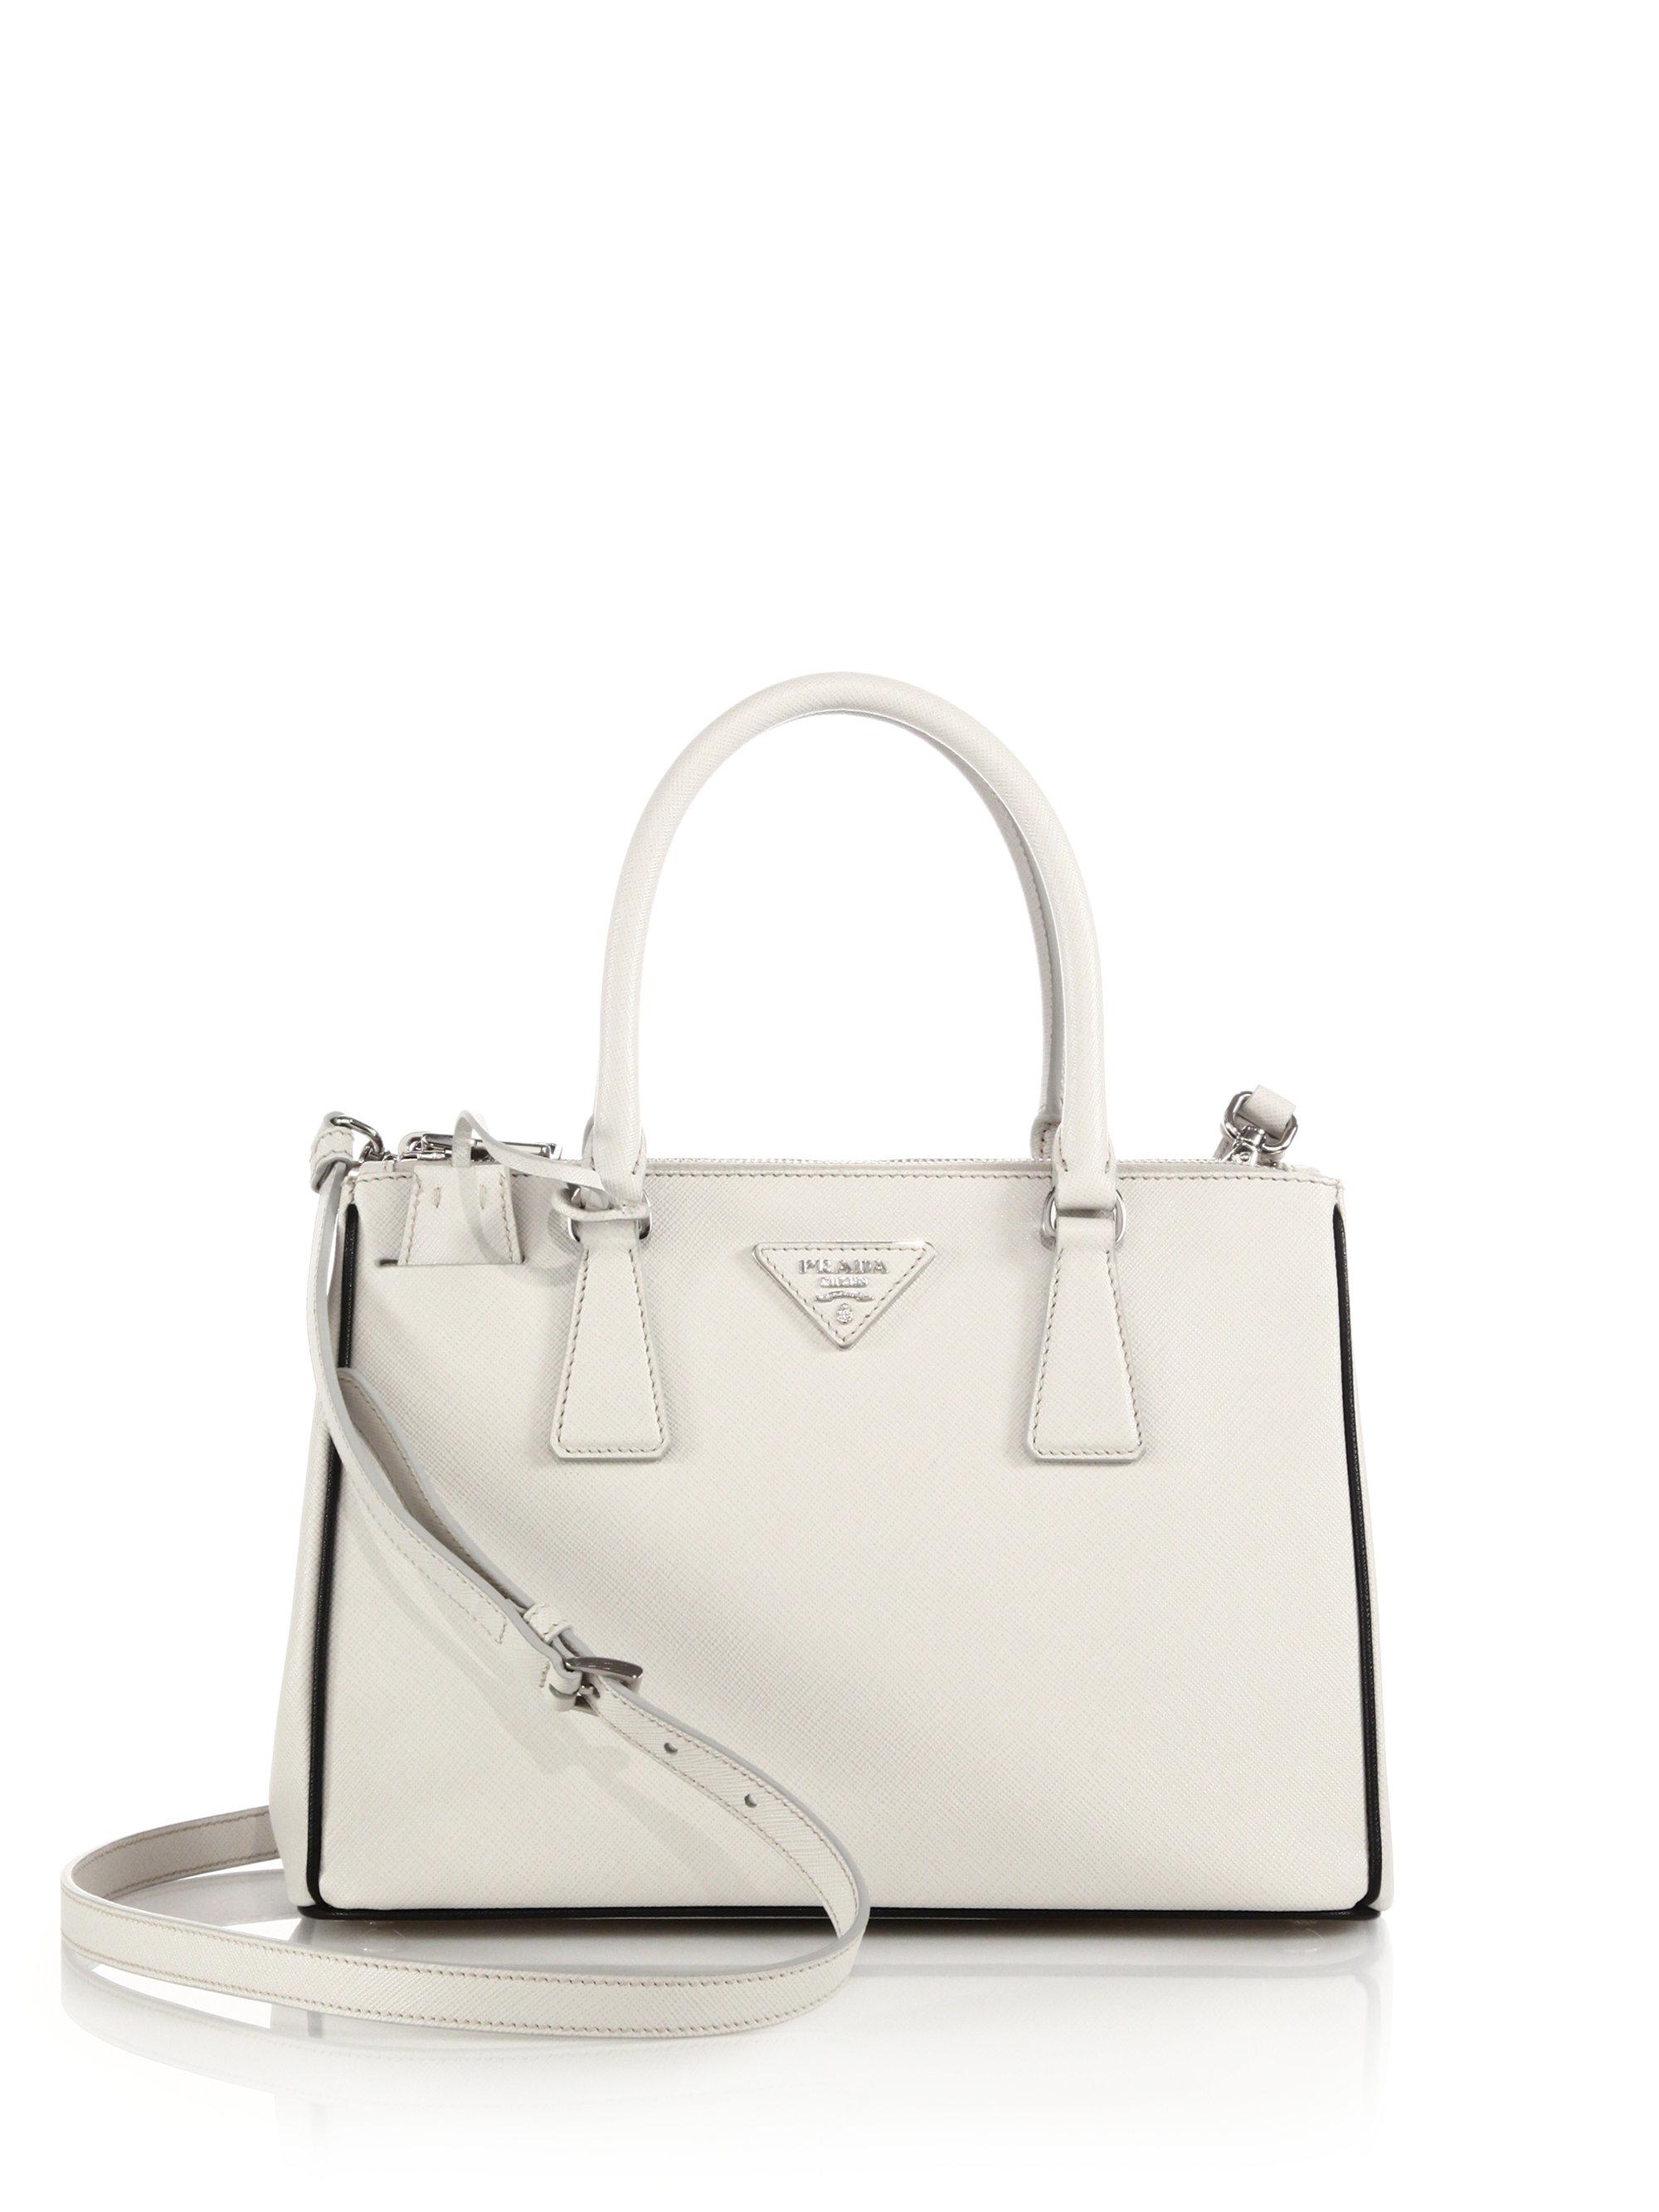 2edd18280114 Prada Saffiano Lux Small Double-zip Tote in White - Lyst